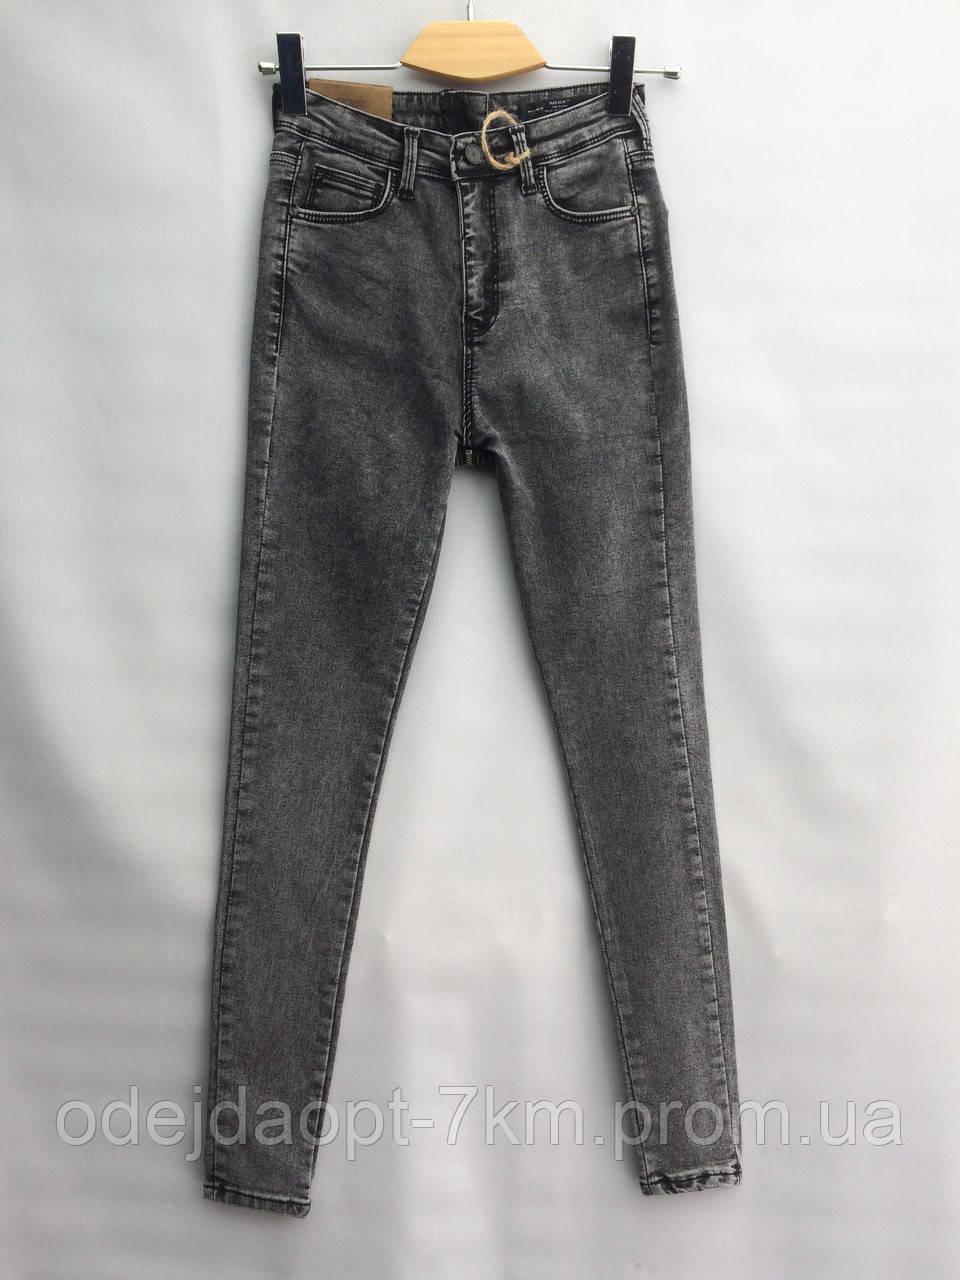 69e15846256 Джинсы женские с молнией сзди AROX (26-31) - JeansLook в Одессе